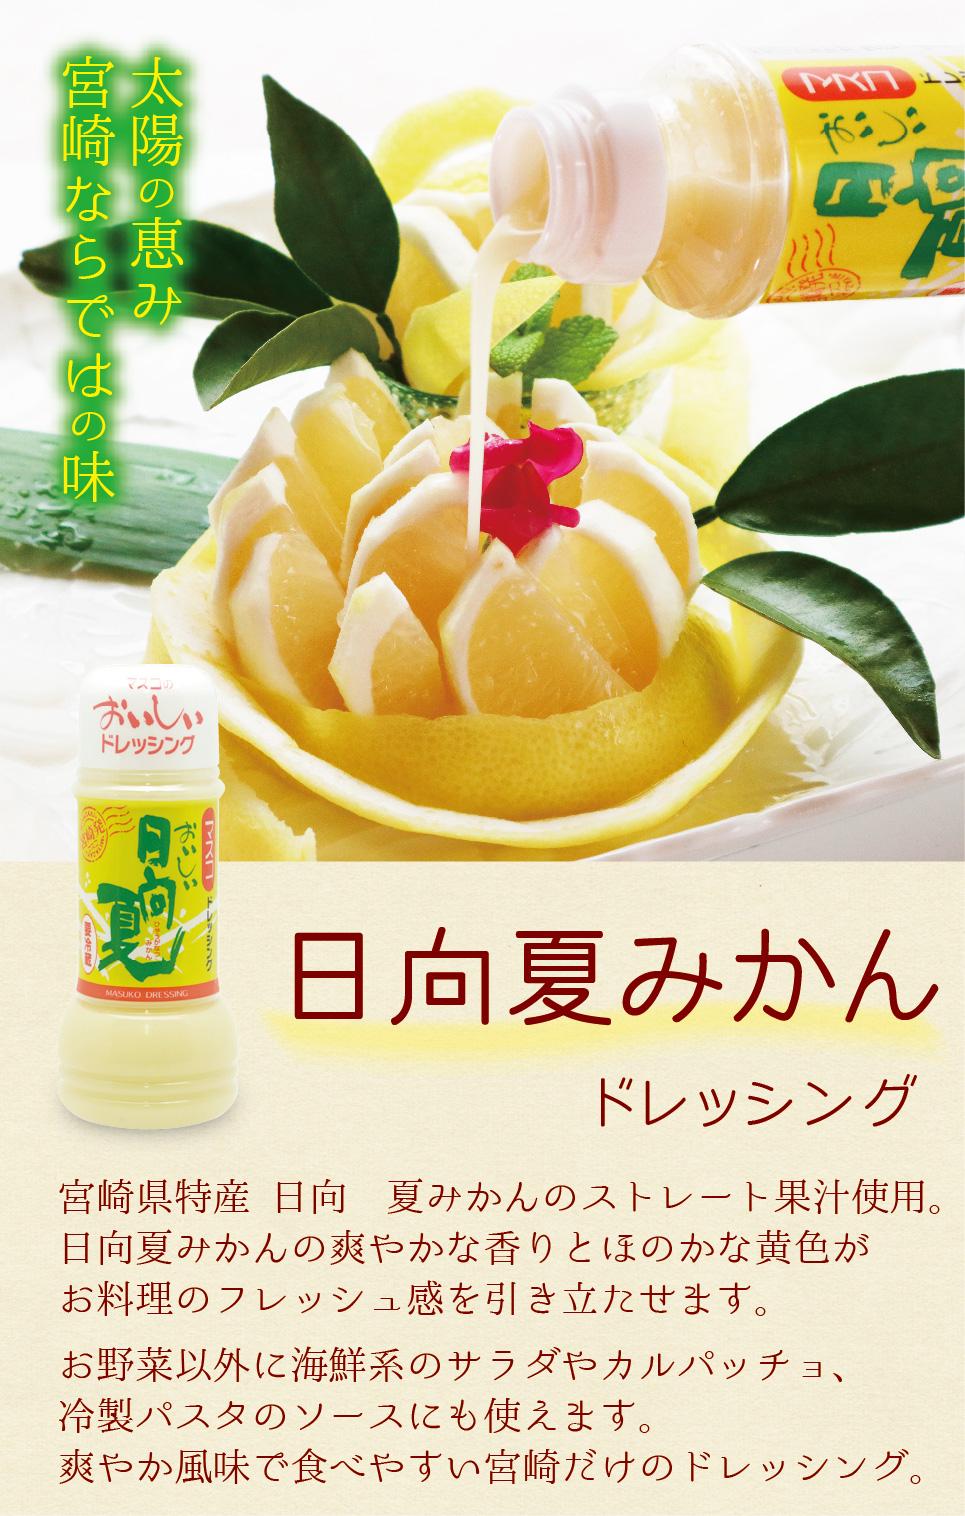 太陽の恵み 宮崎ならではの味 日向夏みかんドレッシング 宮崎県特産 日向夏みかんのストレート果汁使用。日向夏みかんの爽やかな香りとほのかな黄色がお料理のフレッシュ感を引き立たせます。お野菜以外に海鮮系のサラダやカルパッチョ、冷製パスタのソースにも使えます。夏のお中元にぴったりの爽やかドレッシングです。